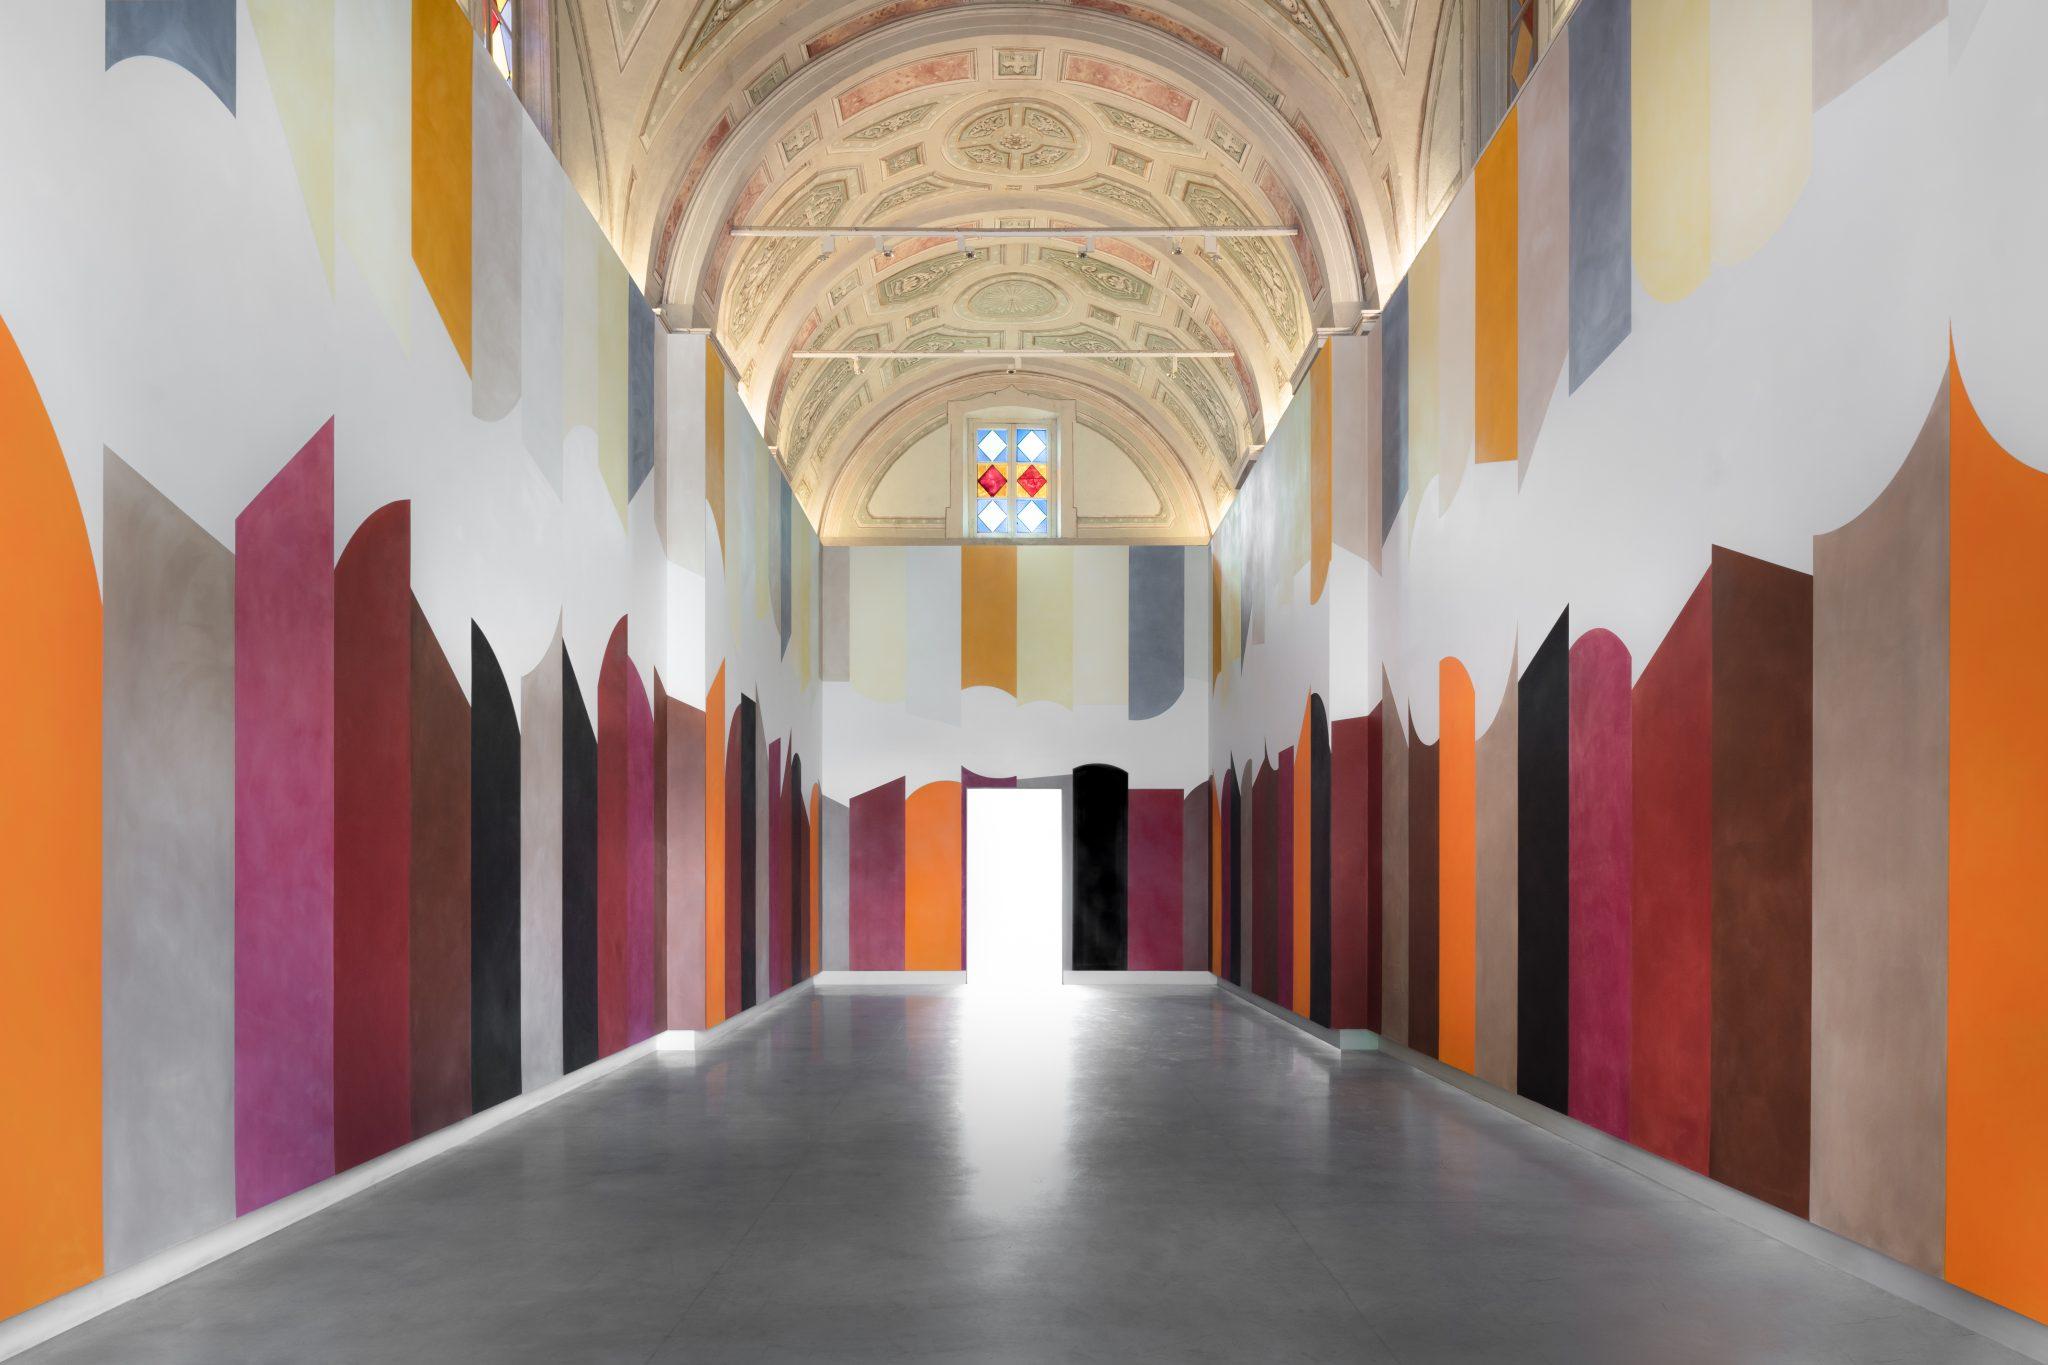 Colonne di colore in ambiente monastico. David Tremlett torna nelle langhe con un nuovo Wall Drawing